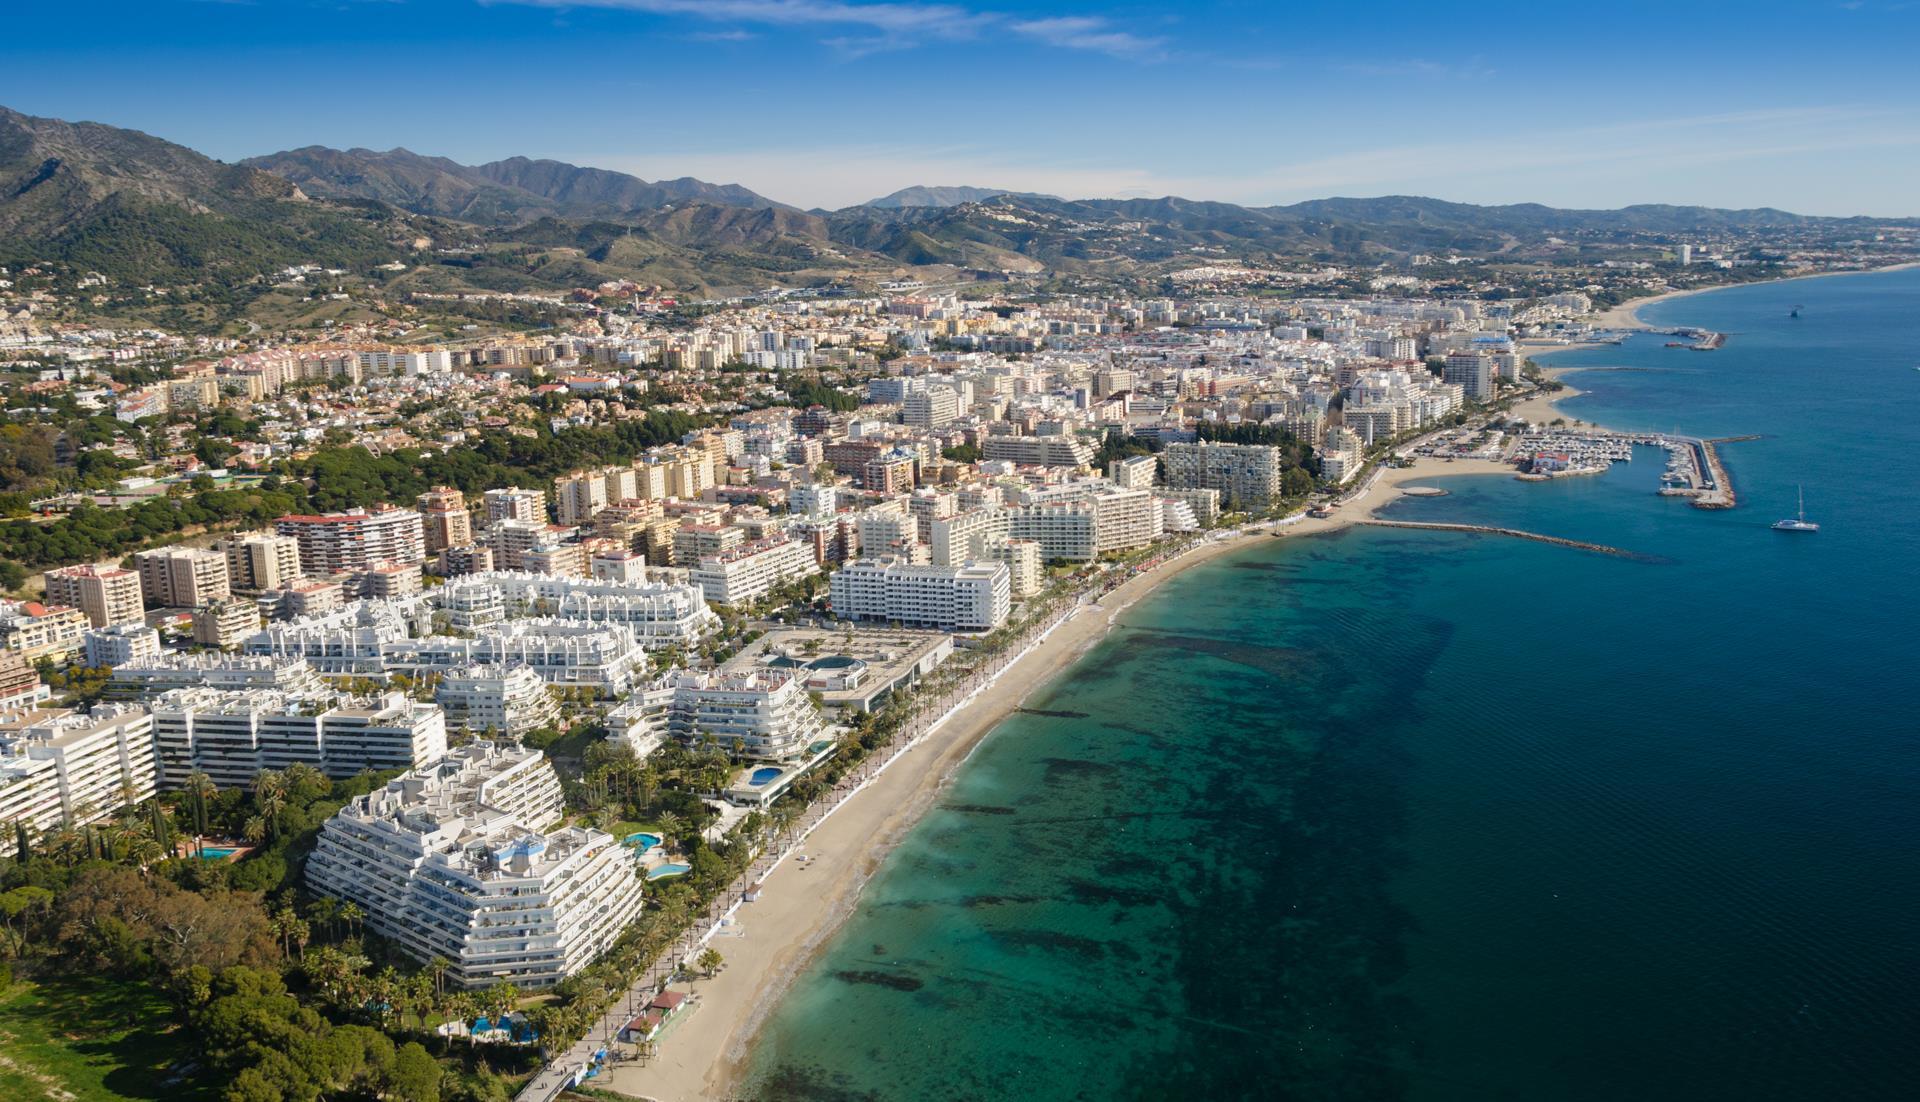 ¿Es viable comprar en Marbella una vivienda?